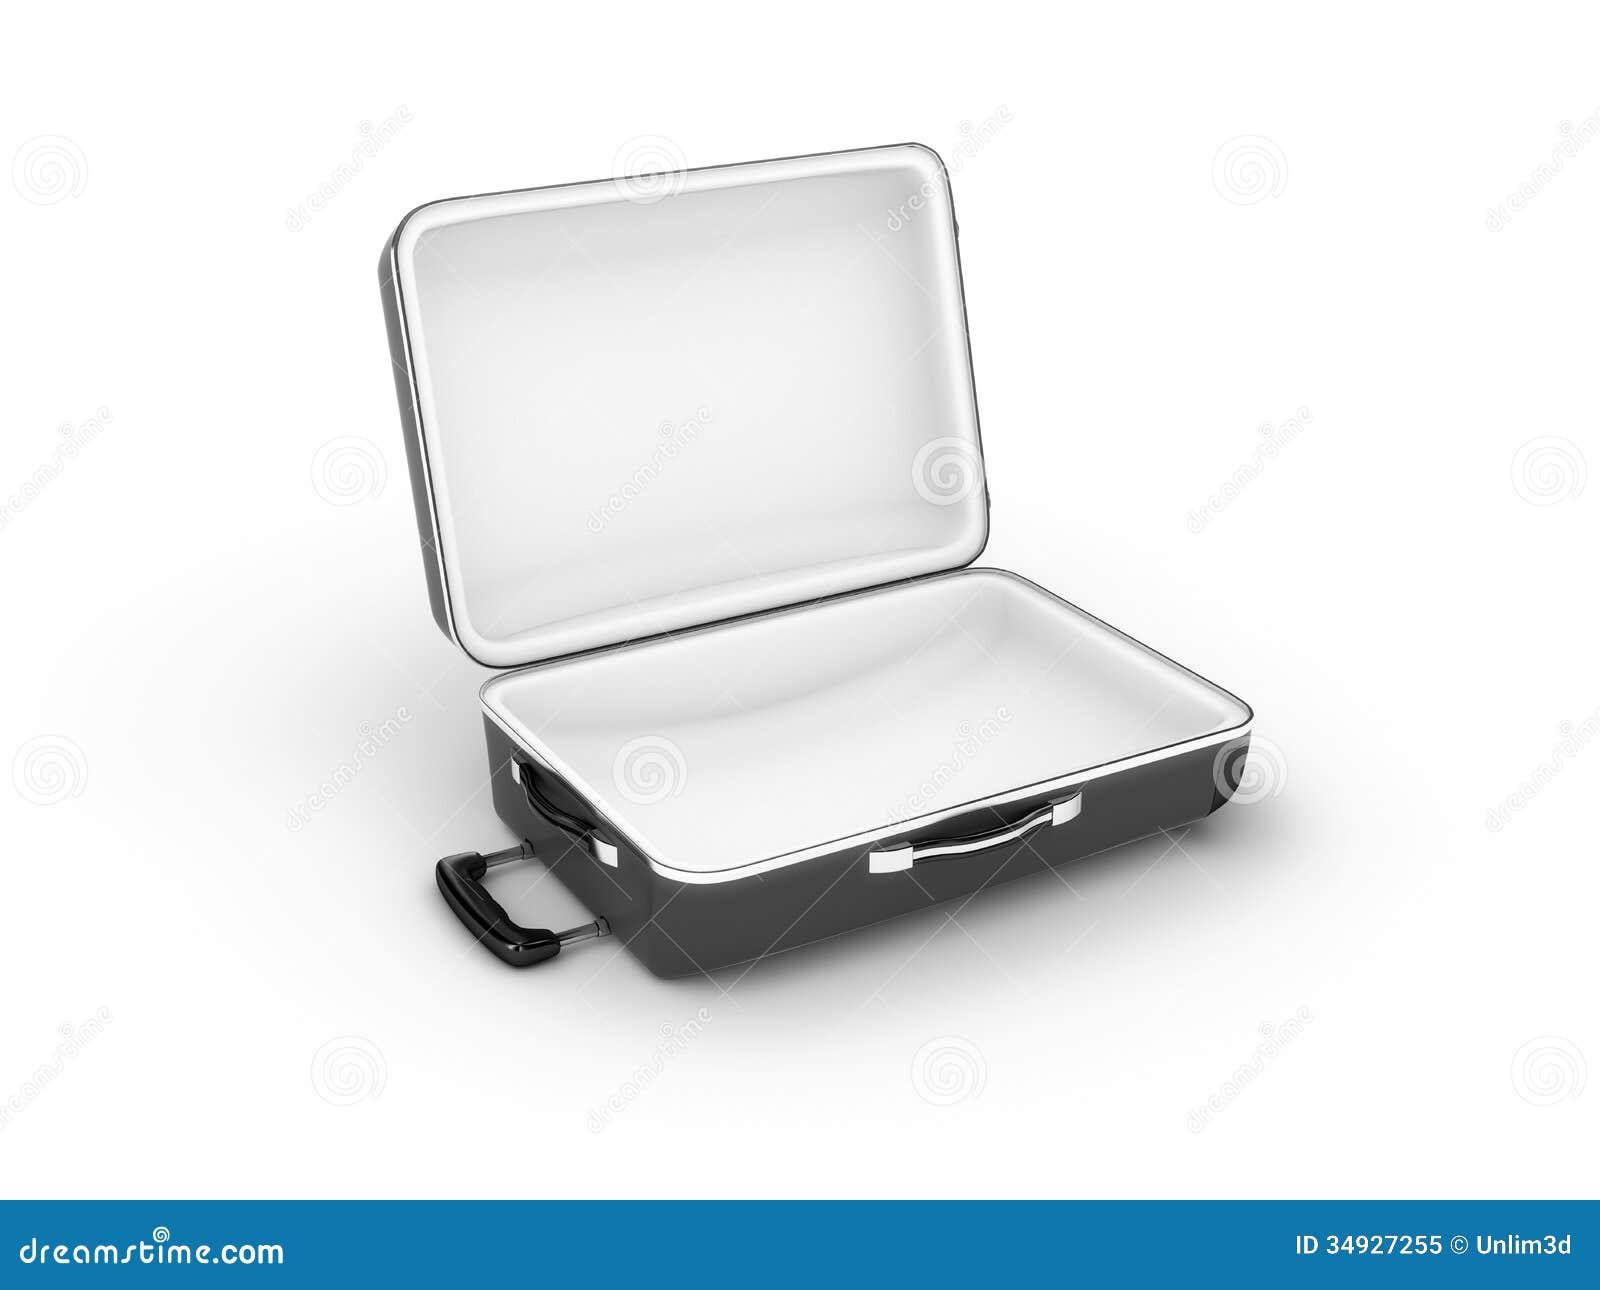 Opened suitcase on whi...